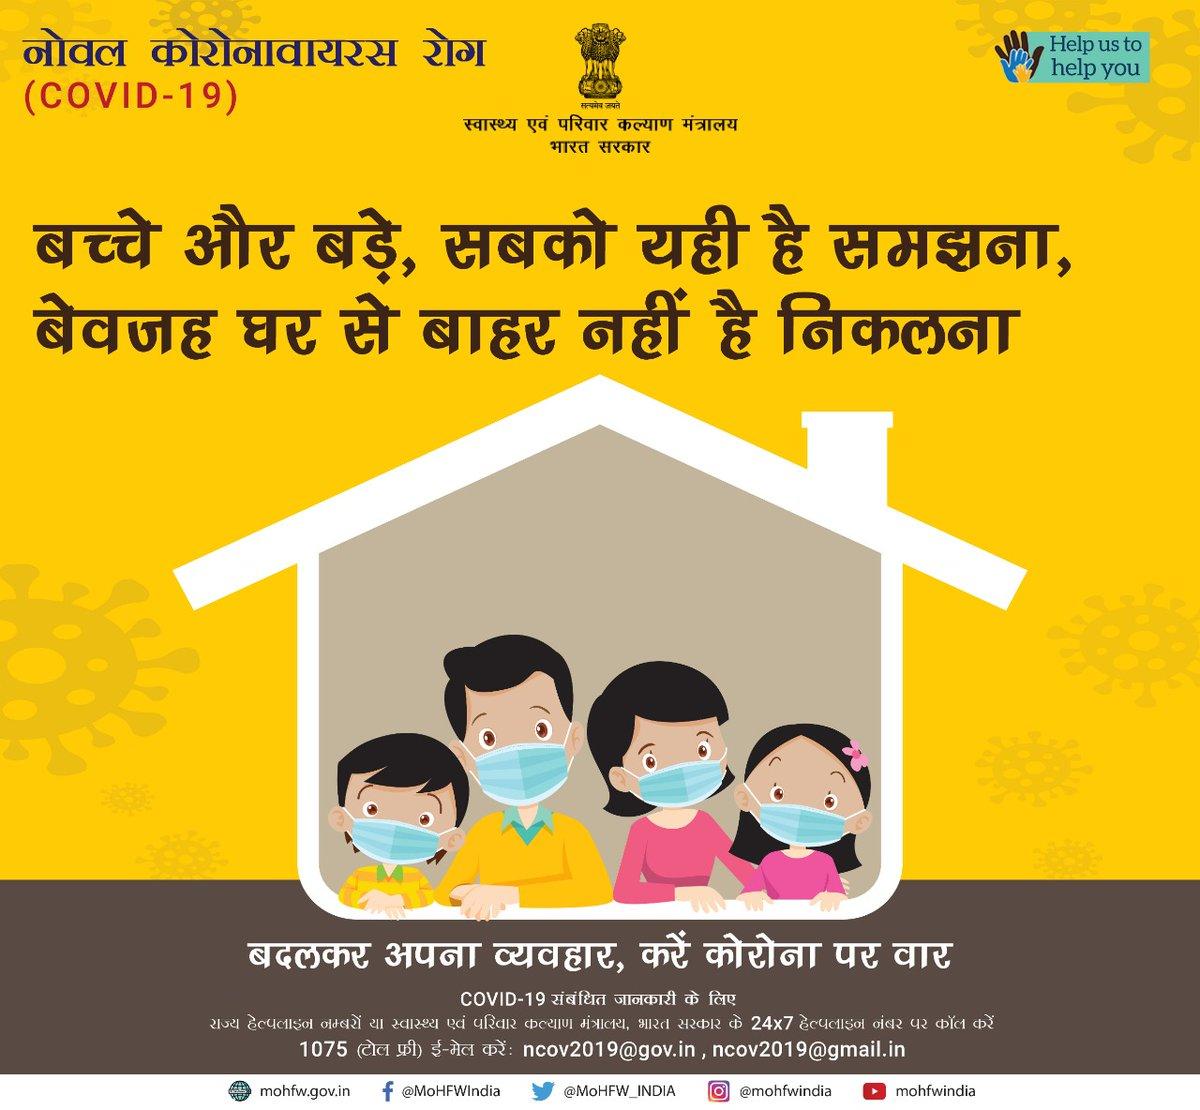 #IndiaFightsCorona  COVID-19 के संक्रमण से खुद की और अपने प्रियजनों की सुरक्षा के लिए बेवजह घर से बाहर ना जाएं। घर पर रहें, सुरक्षित रहें। बदलकर अपना व्यवहार, करें कोरोना पर वार।   #TogetherAgainstCovid19 https://t.co/AxVA3The3M